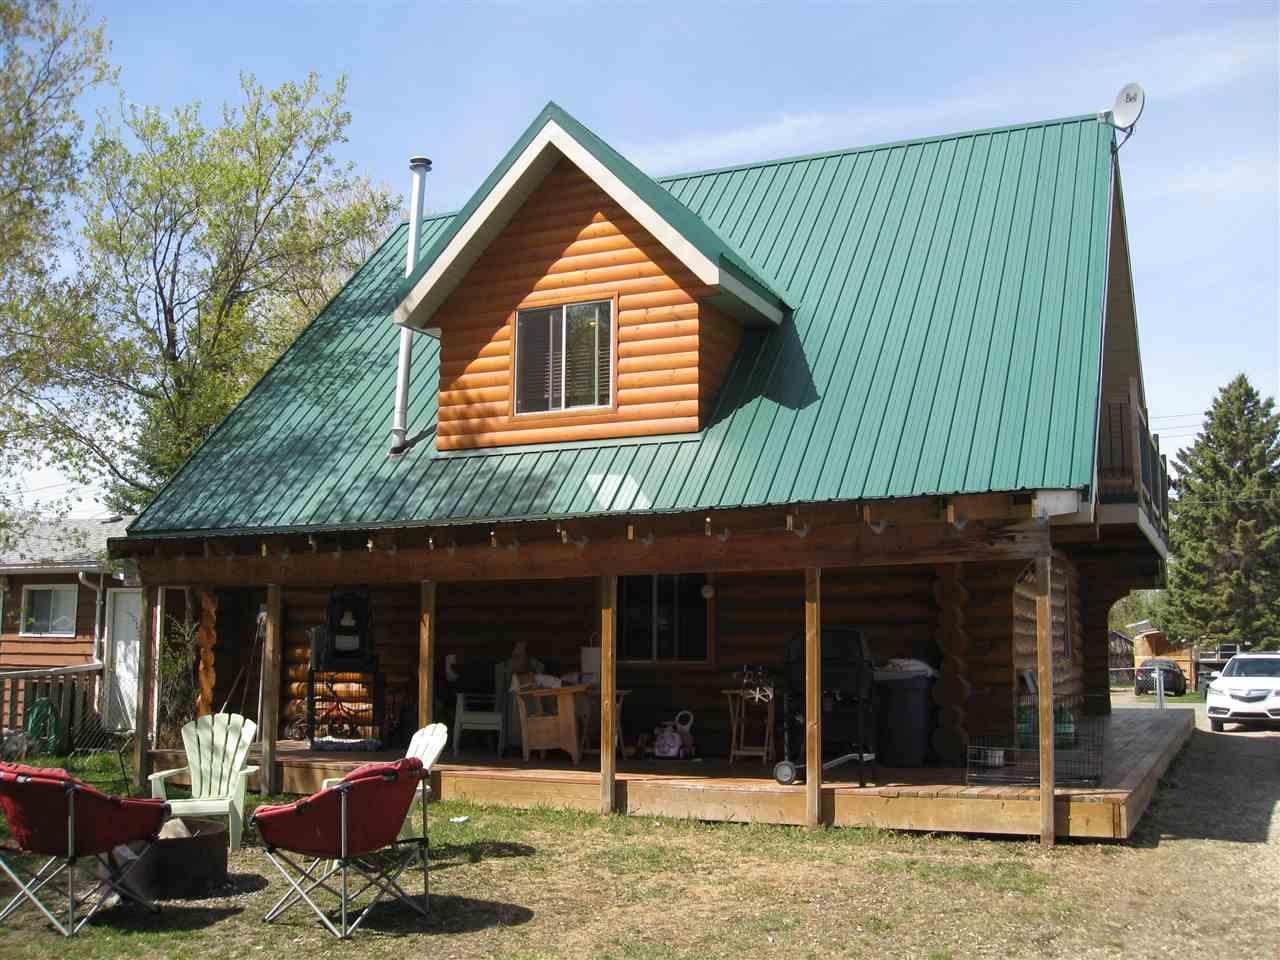 5005 64 Street, Rural Lac Ste. Anne County, MLS® # E4110627